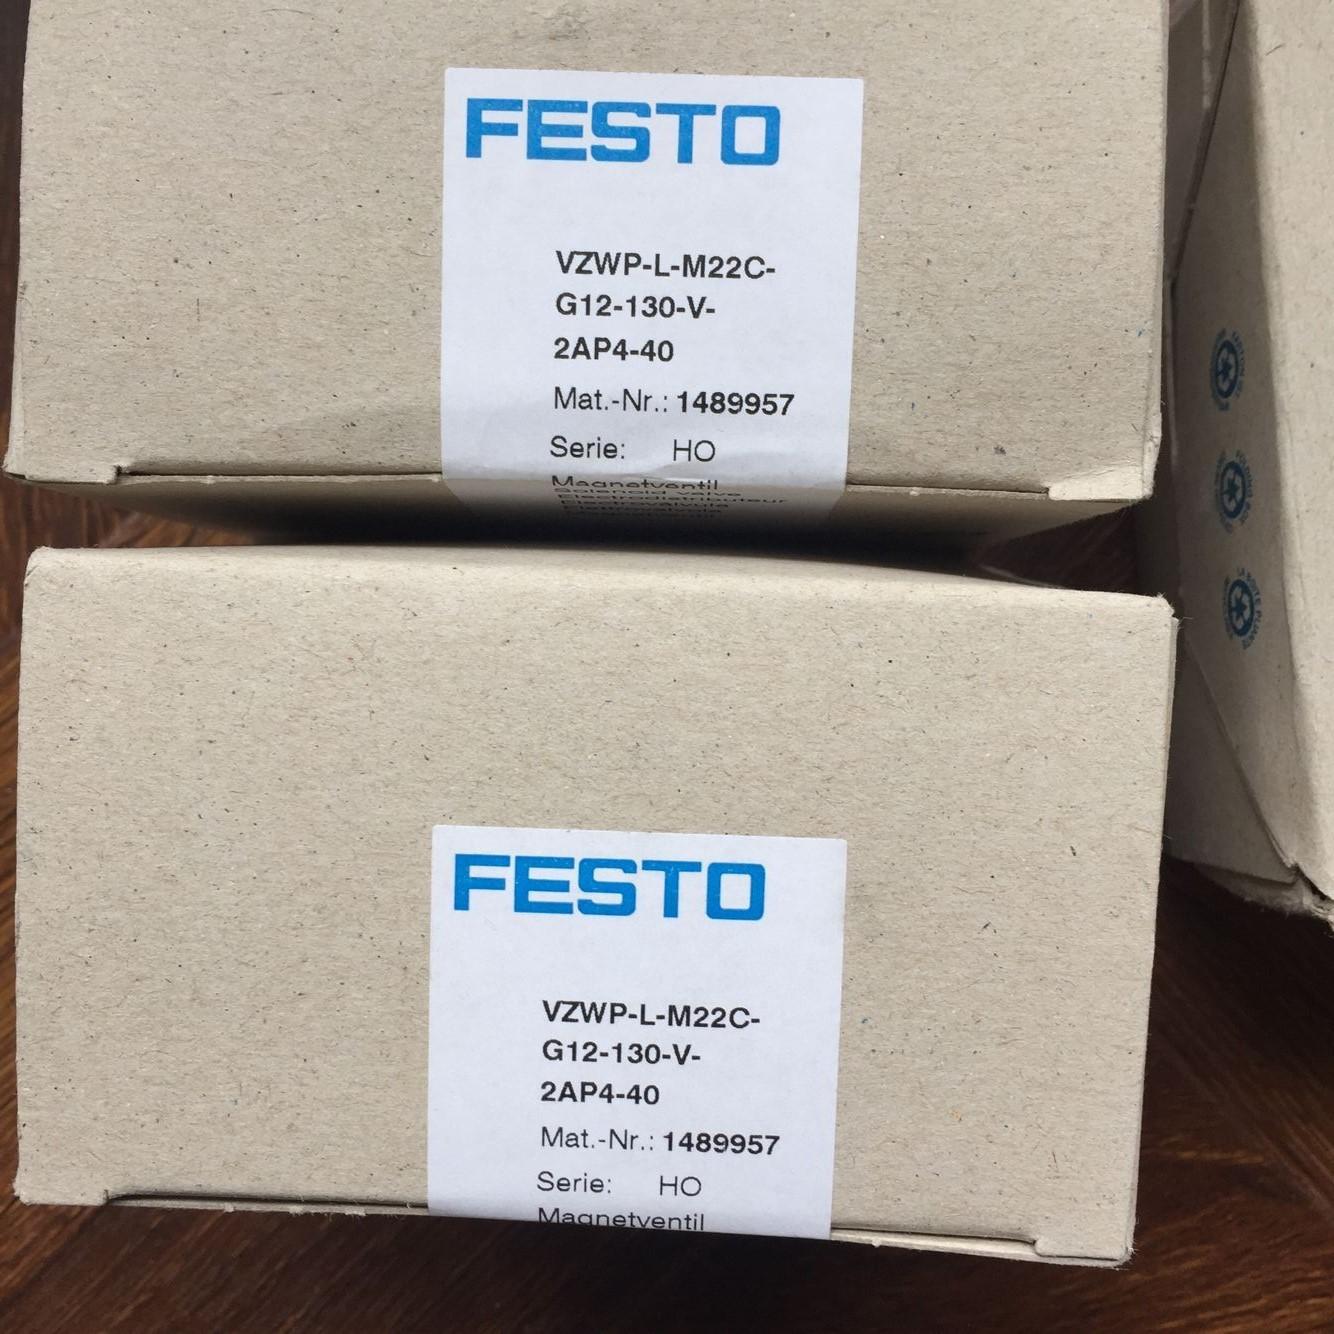 FESTO VZWP-L-M22C-G12-130-V-2AP4-40 1489957